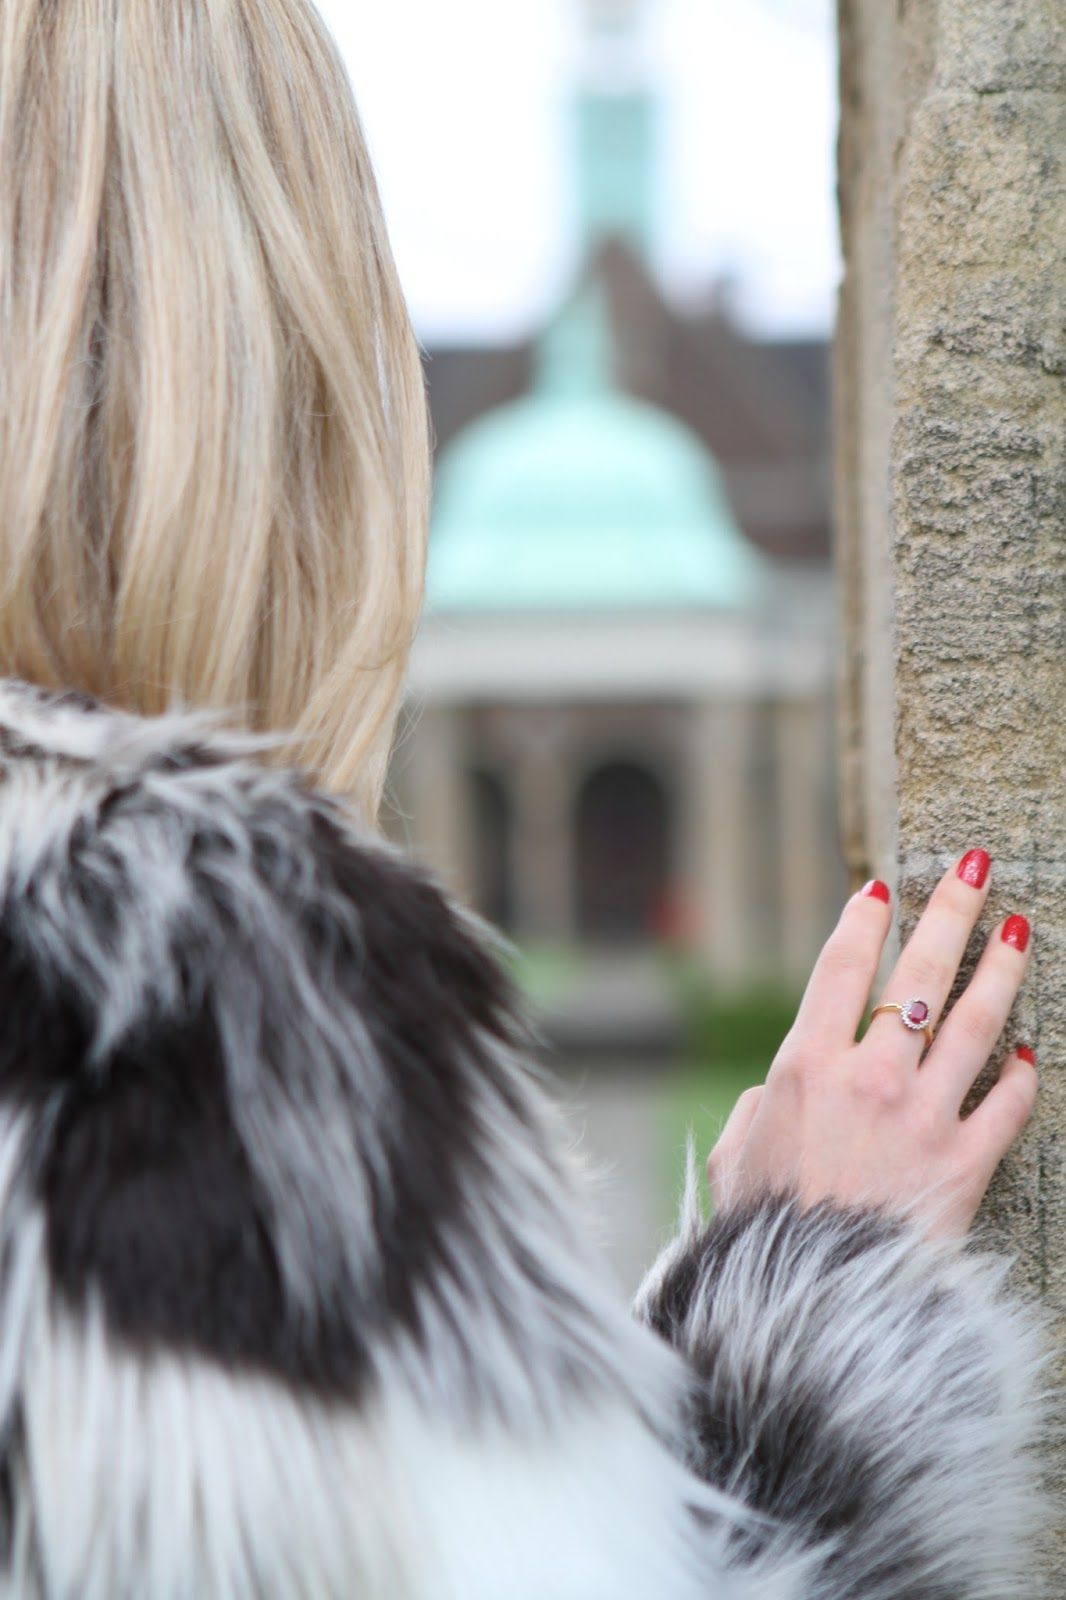 Jewellery style. #MyGemporia - The Elle Next Door